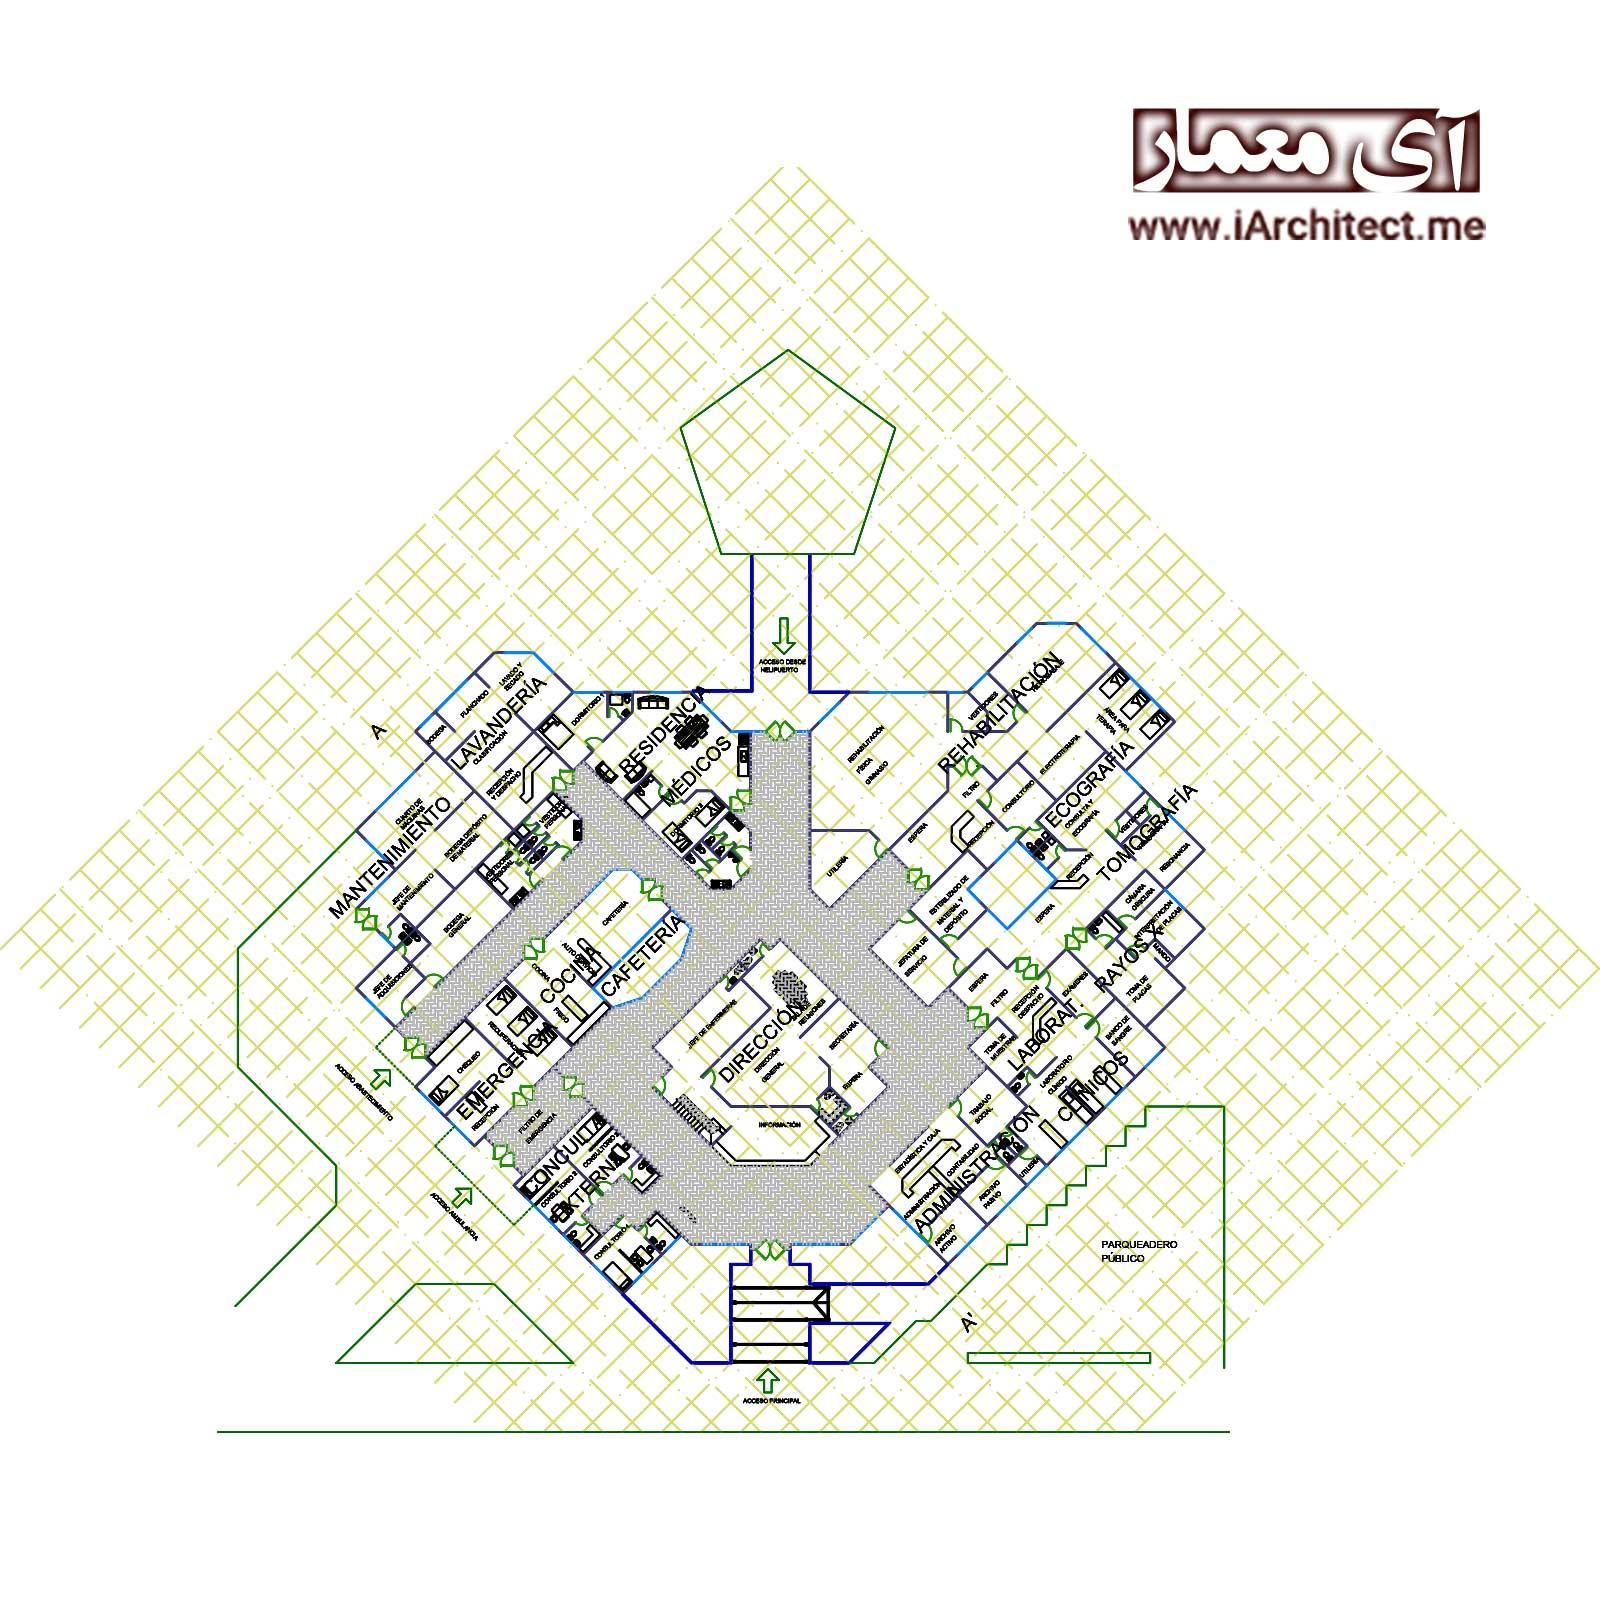 نقشه مرکز درمانی